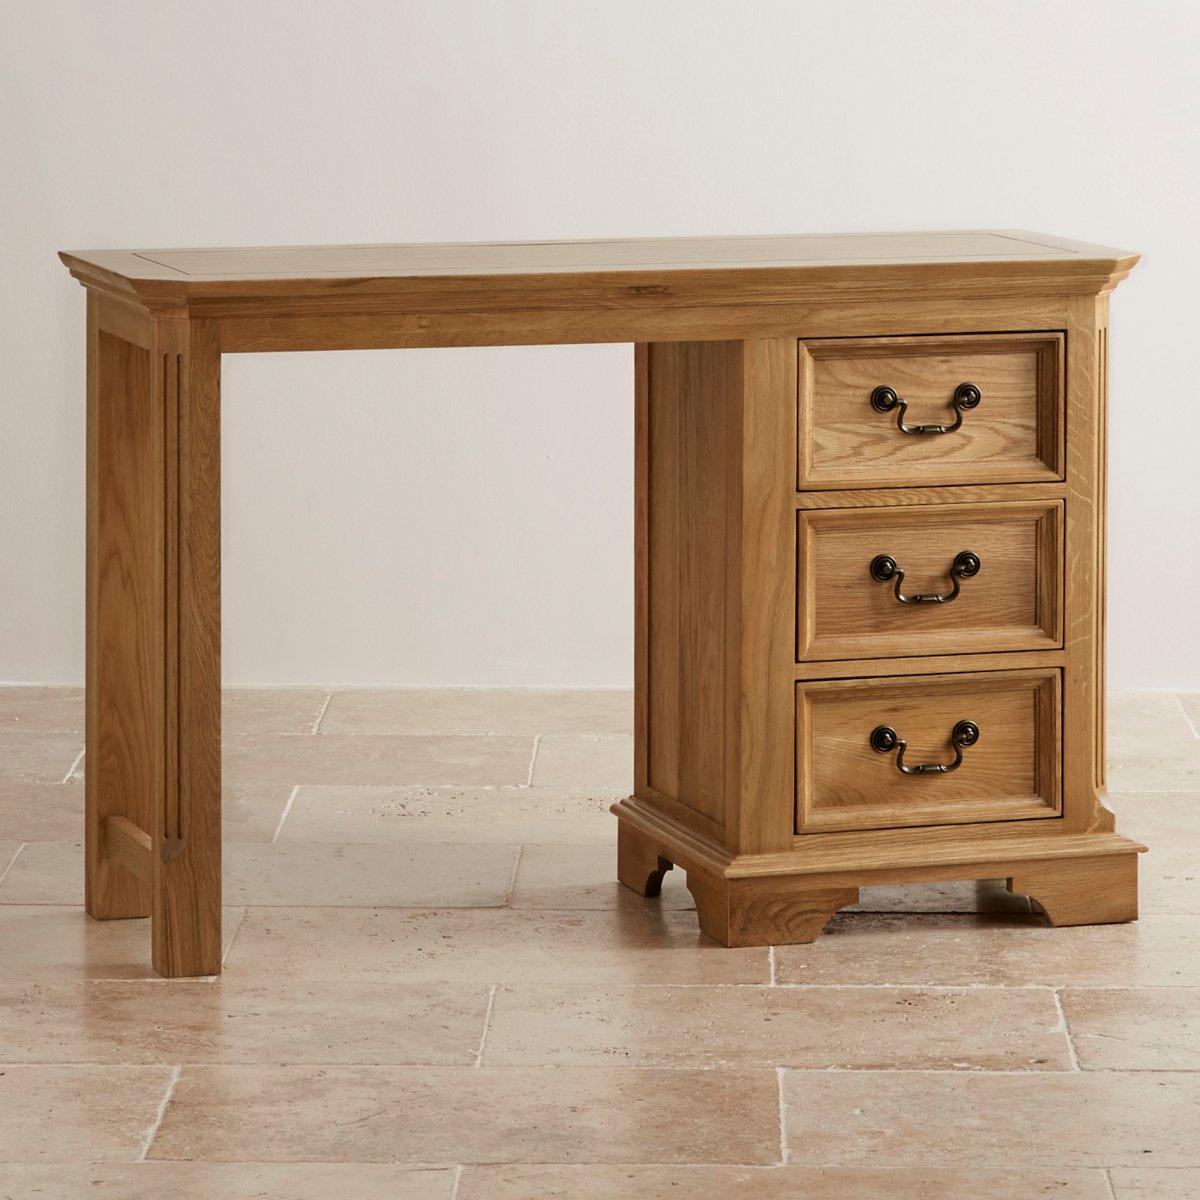 edinburgh natural solid oak dressing table by oak. Black Bedroom Furniture Sets. Home Design Ideas